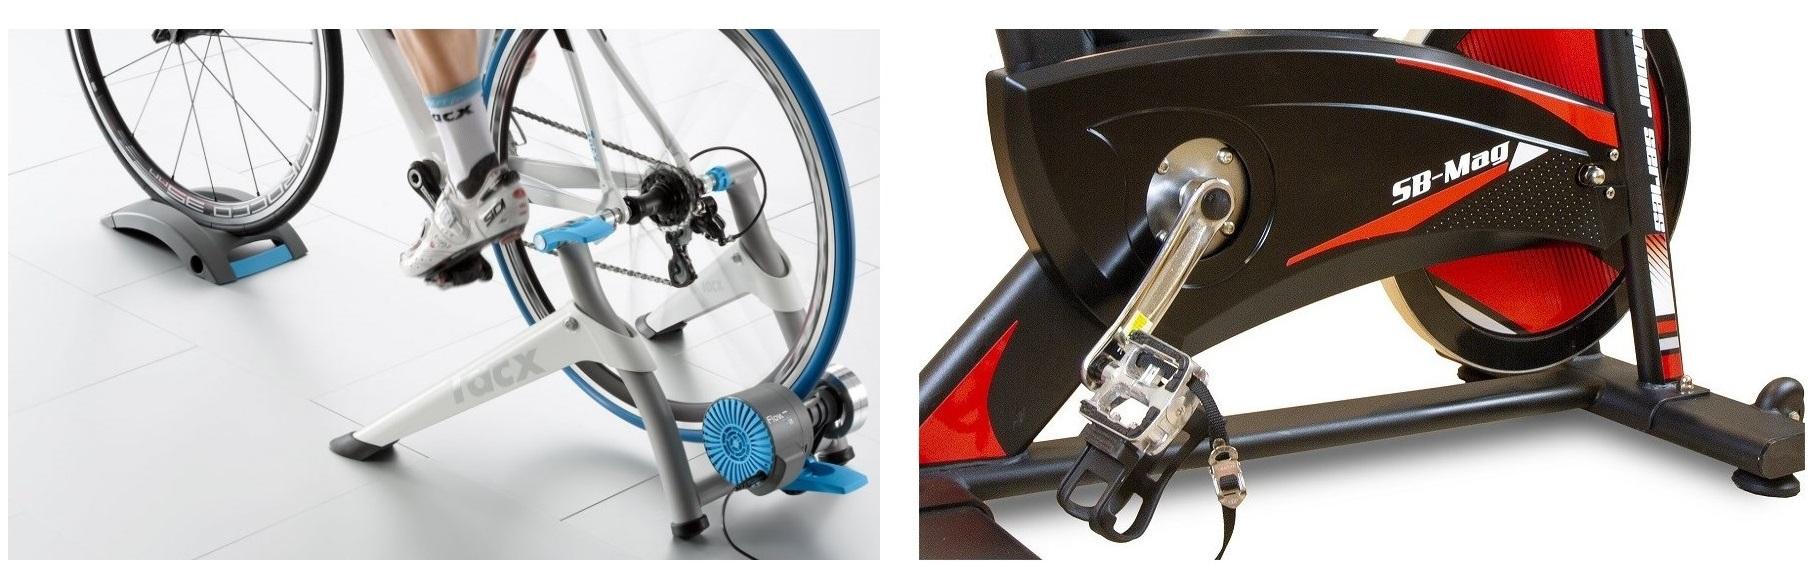 Cyklistické válce jsou samy o sobě skladnější, počítat však musíte i s nutností neustálého přenášení kola do stojanu